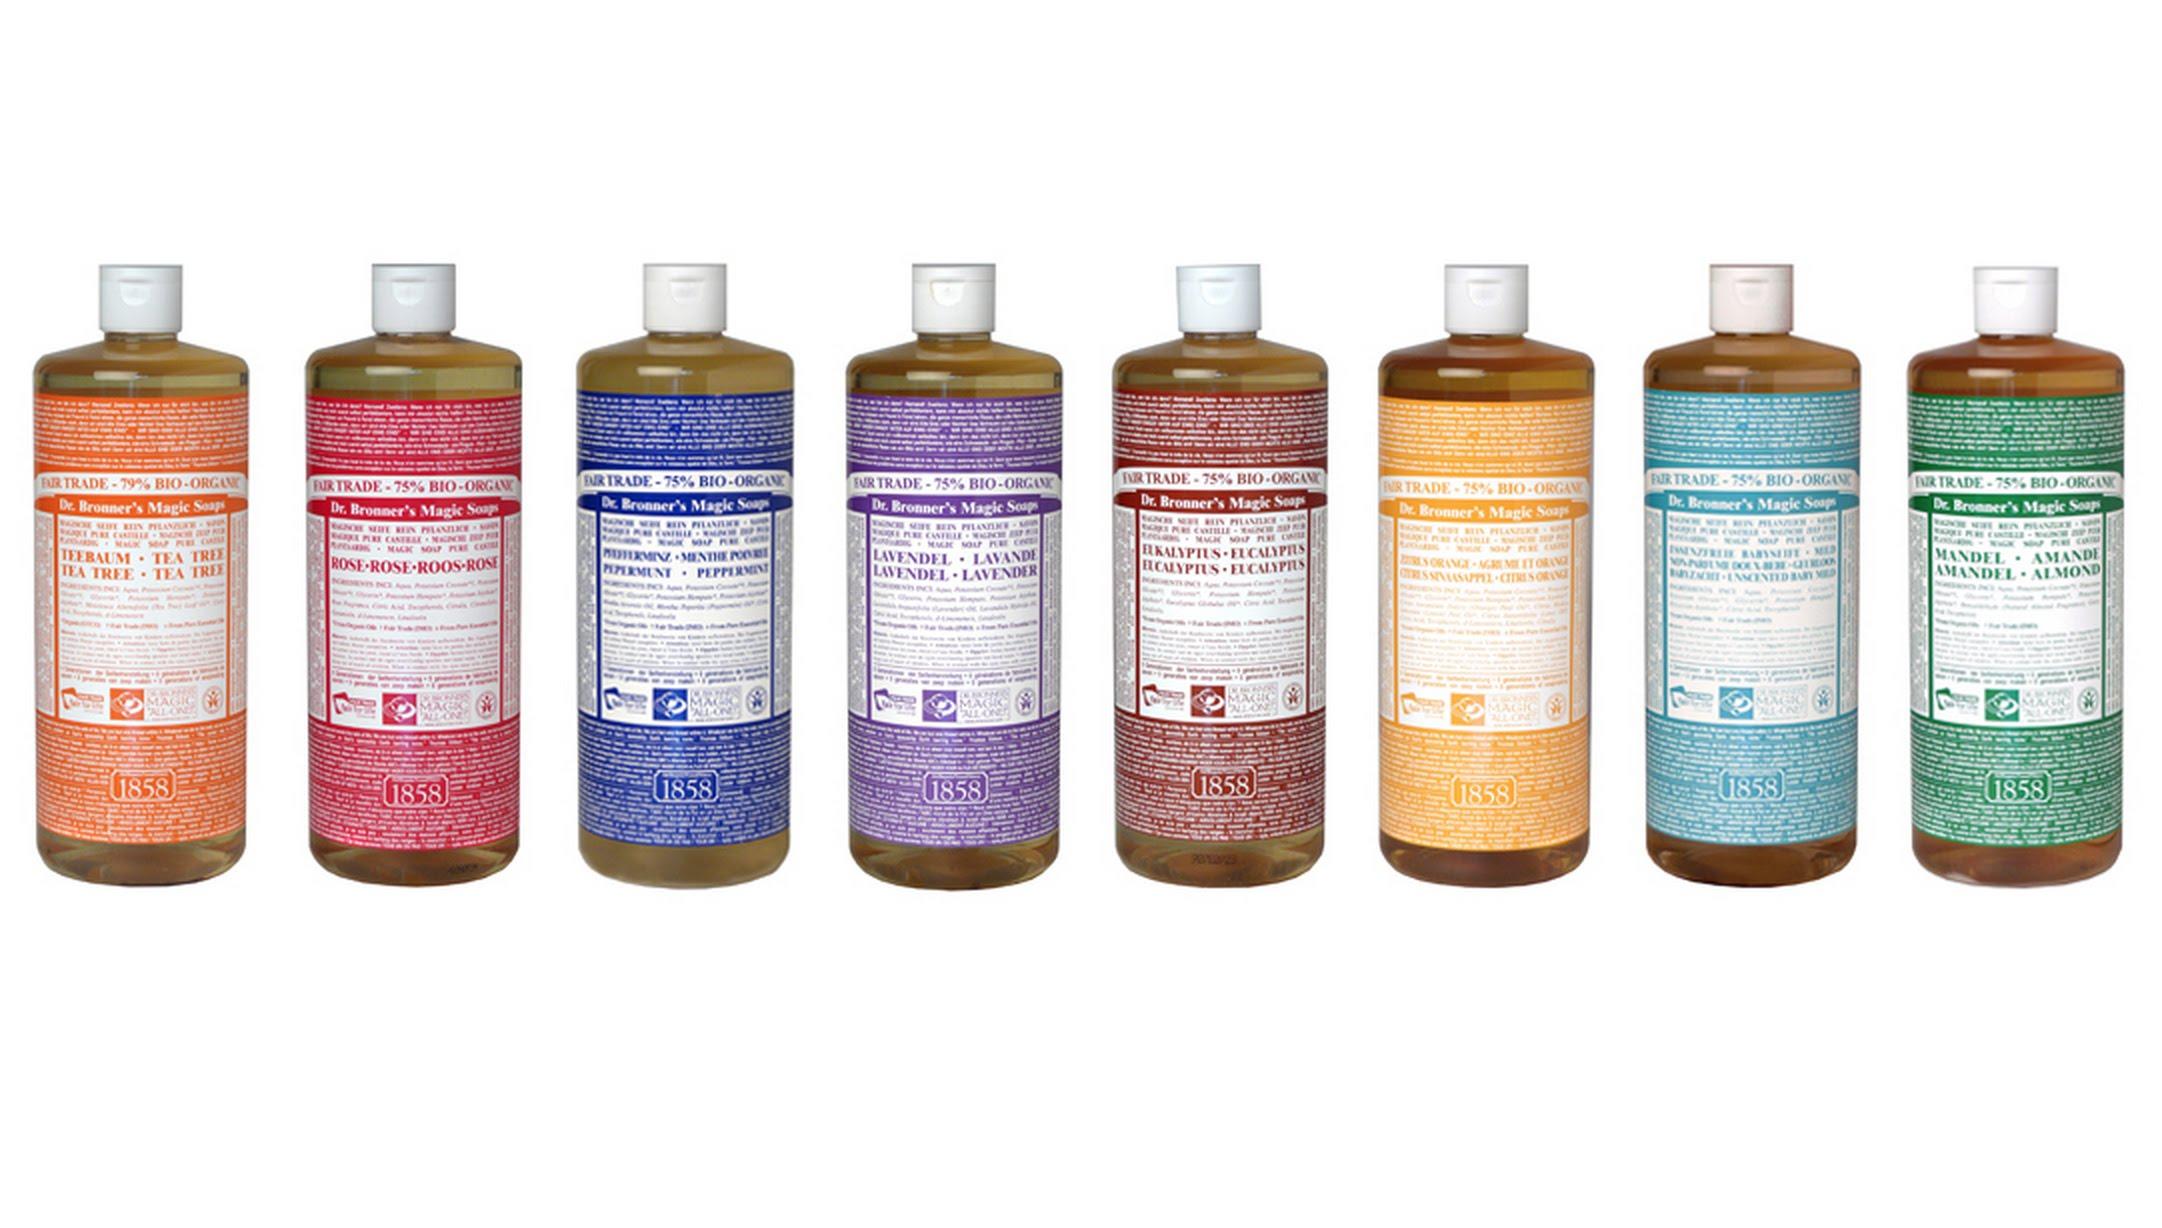 Dr Bronners Pure-Castille Soap